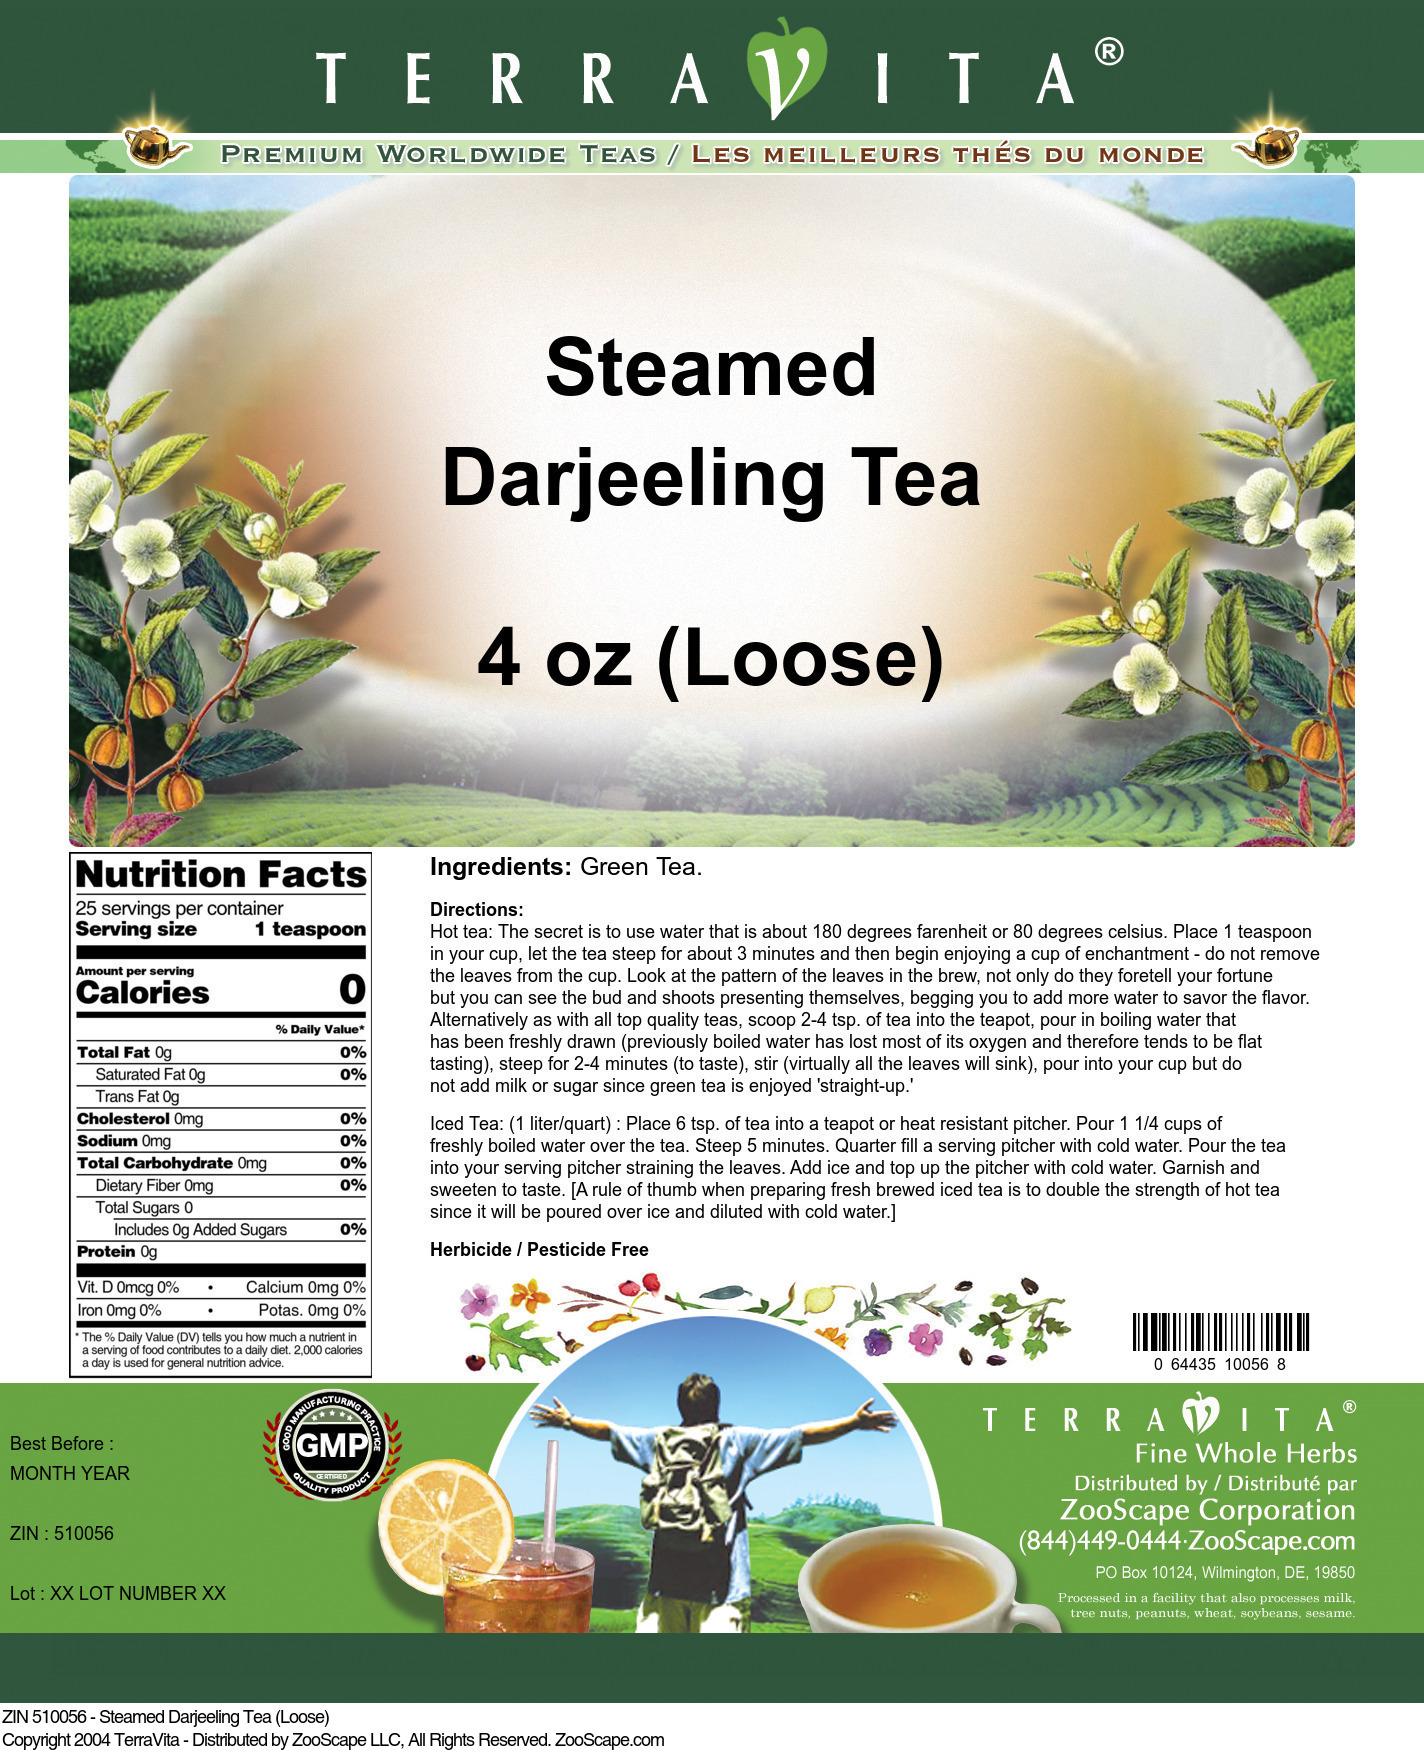 Steamed Darjeeling Tea (Loose)